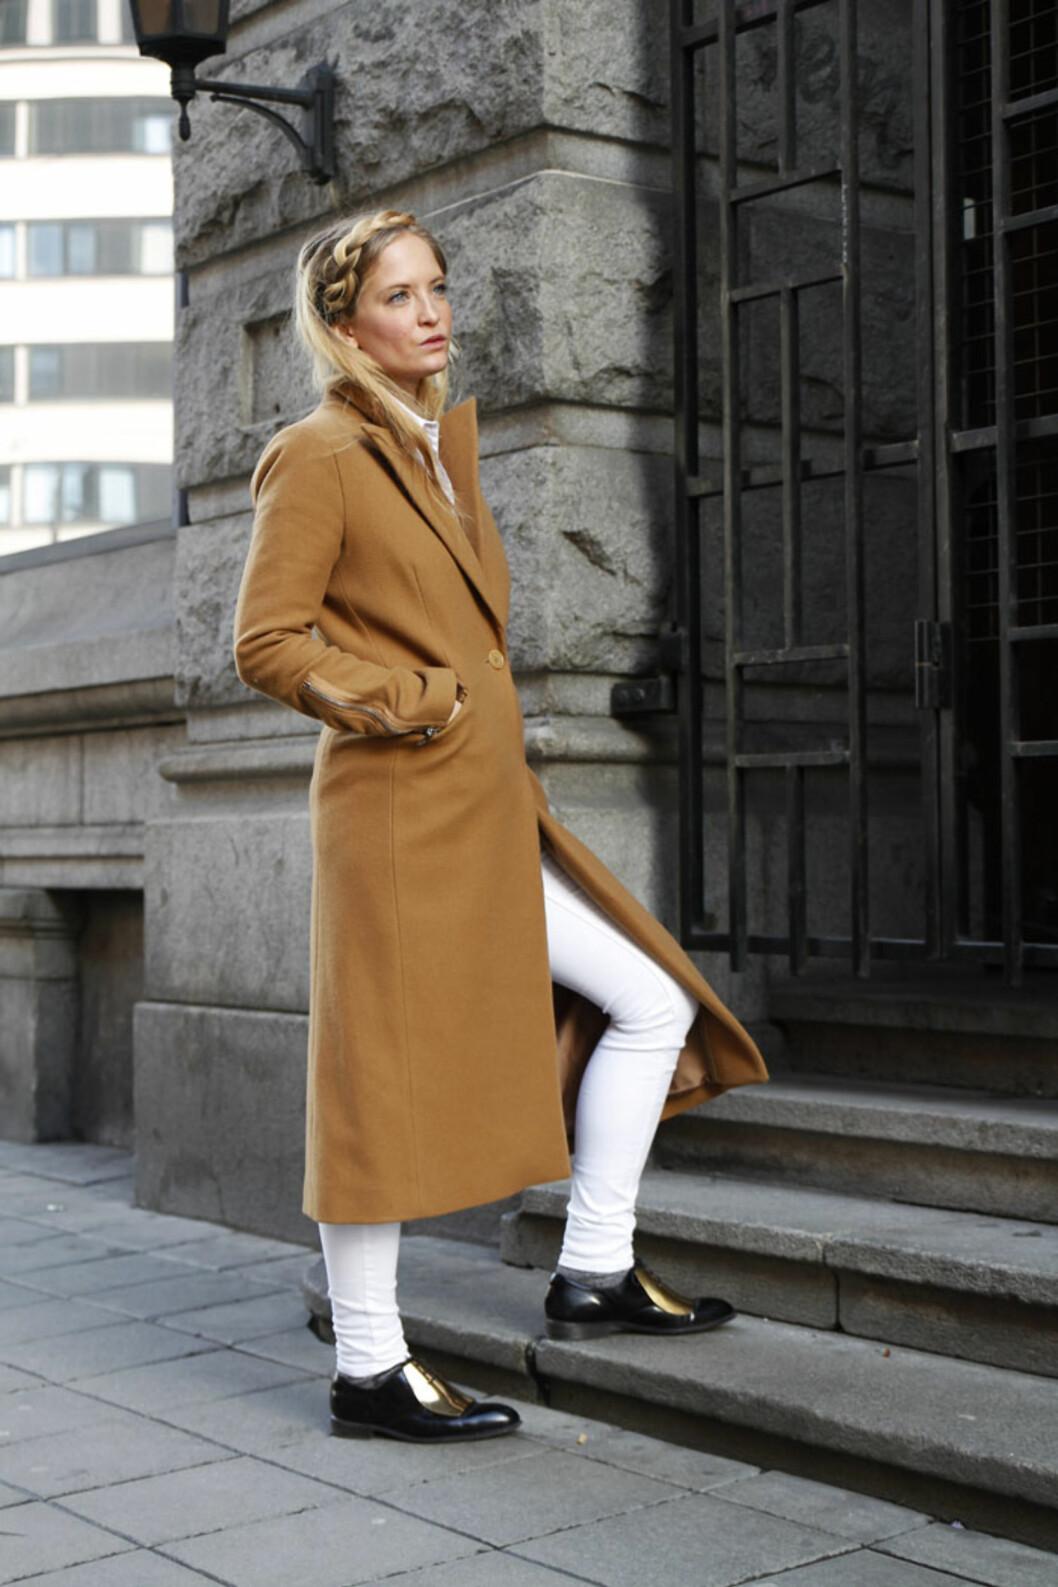 VÅRFIN: Nathalie styler et helhvitt vårantrekk, og bruker den klassiske kamelfargede kåpen. Kronen på verket er vårens finseste frisyre - fletten!  Foto: Nathaliehelgerud.com